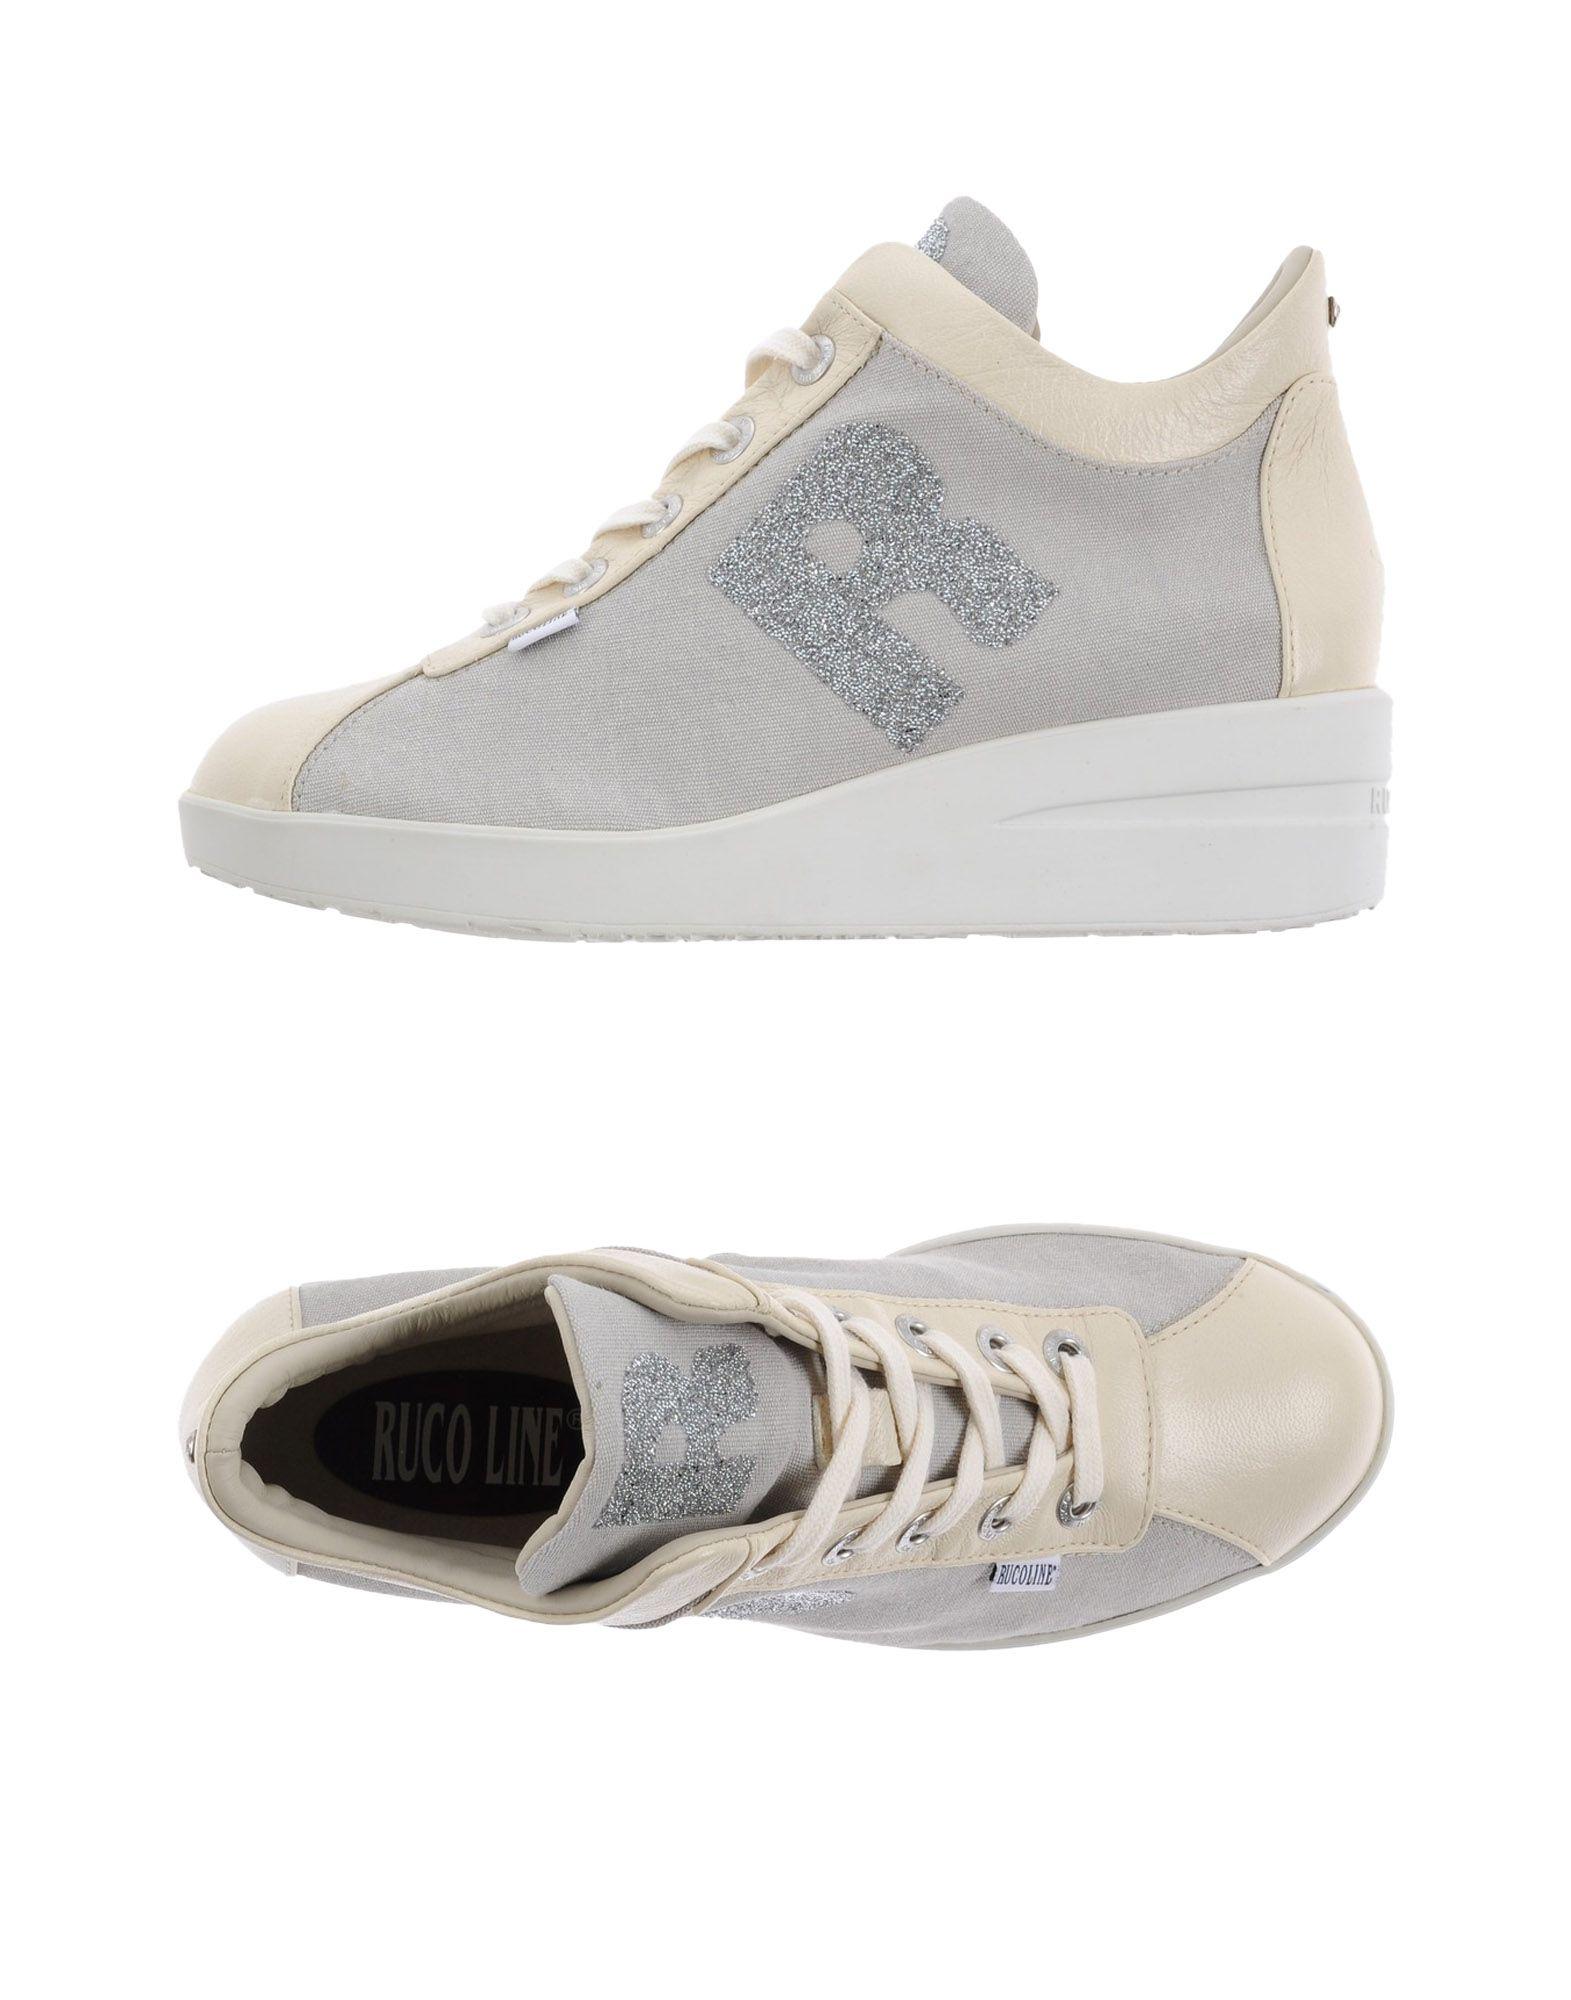 Ruco Line Sneakers Damen Gutes es Preis-Leistungs-Verhältnis, es Gutes lohnt sich 858ace